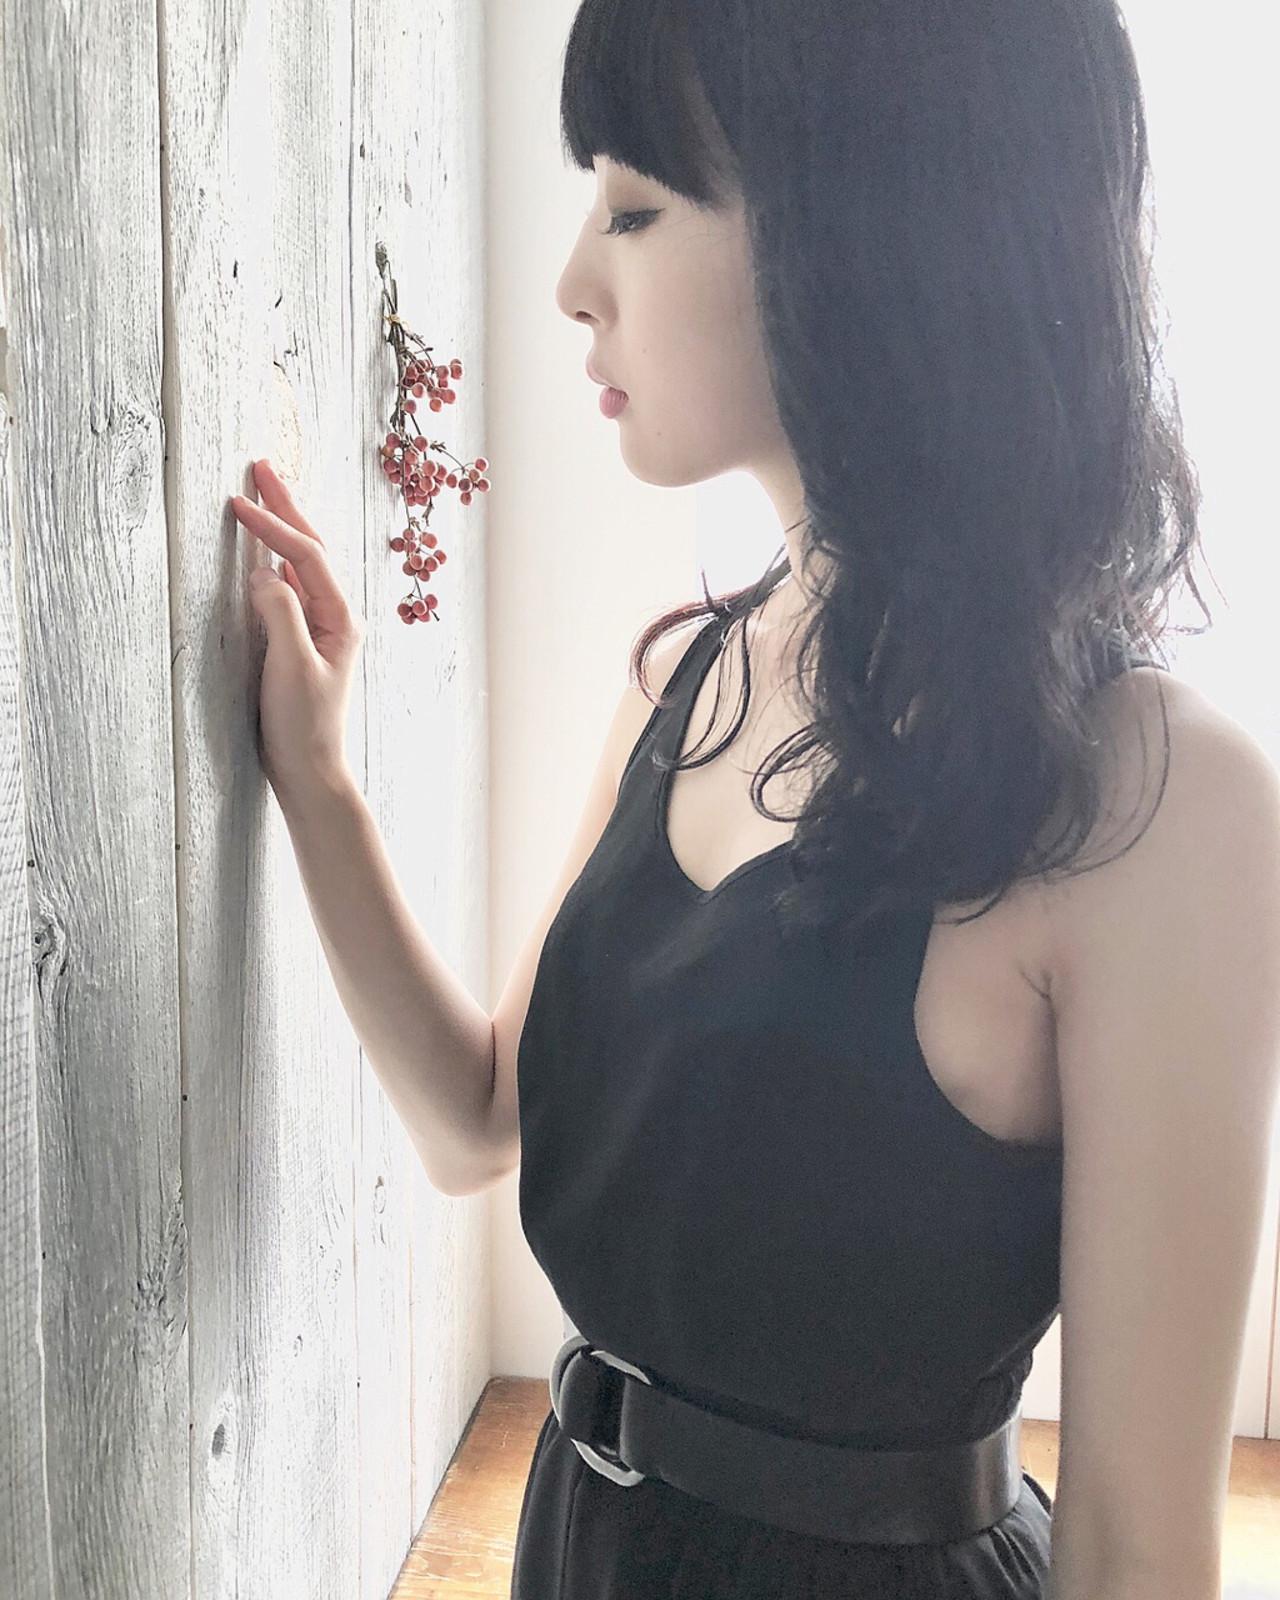 アッシュ 黒髪 セミロング パーマ ヘアスタイルや髪型の写真・画像